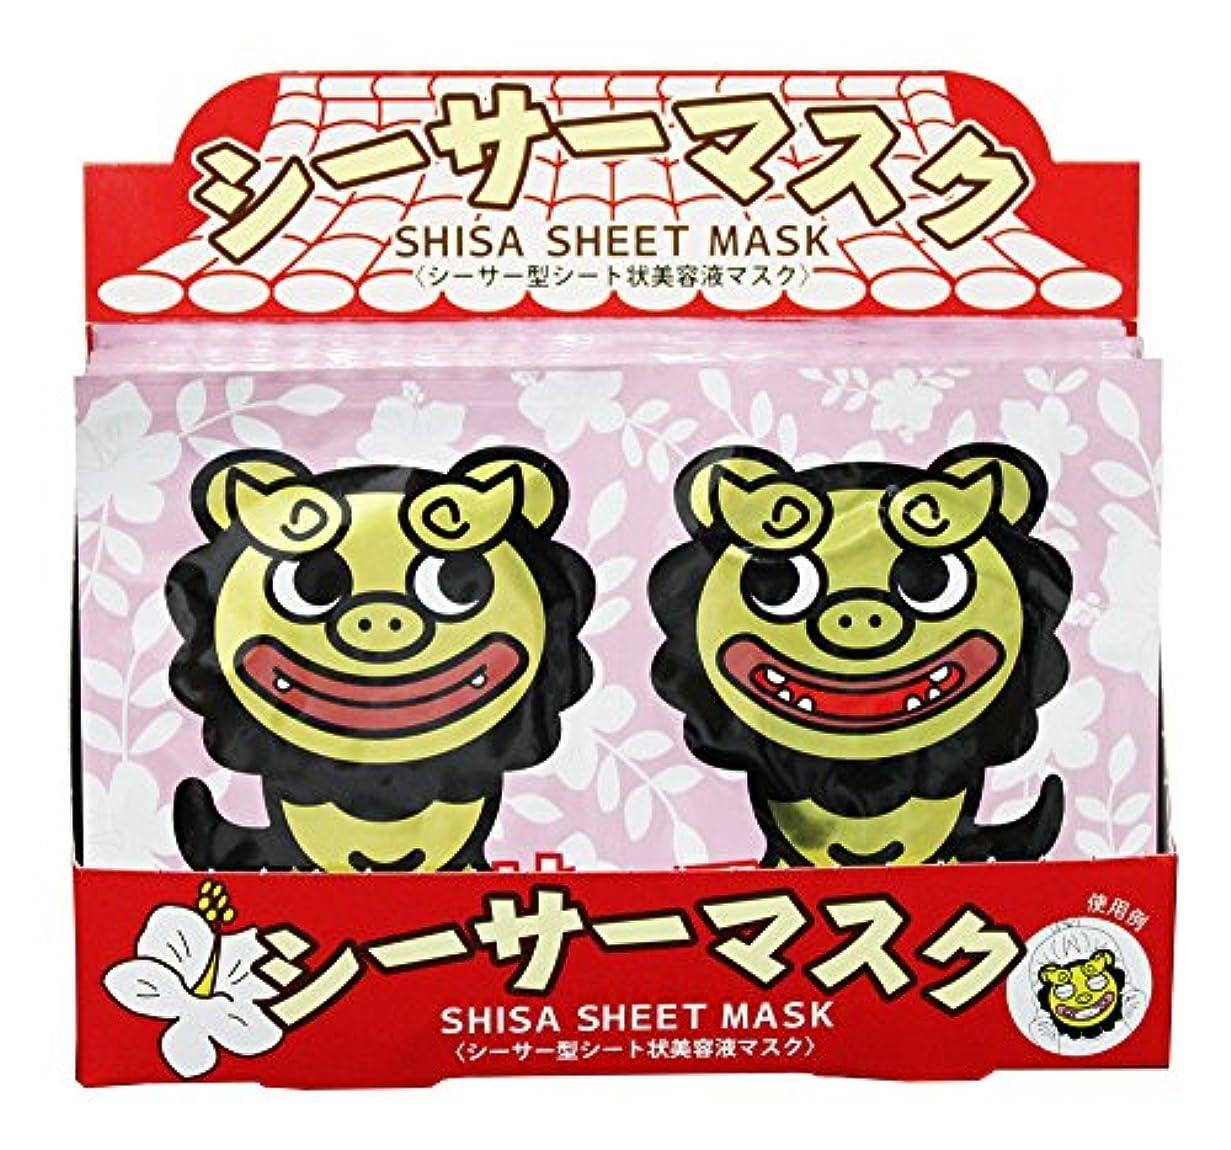 シーサーマスク 20パック(40シート)入り内箱